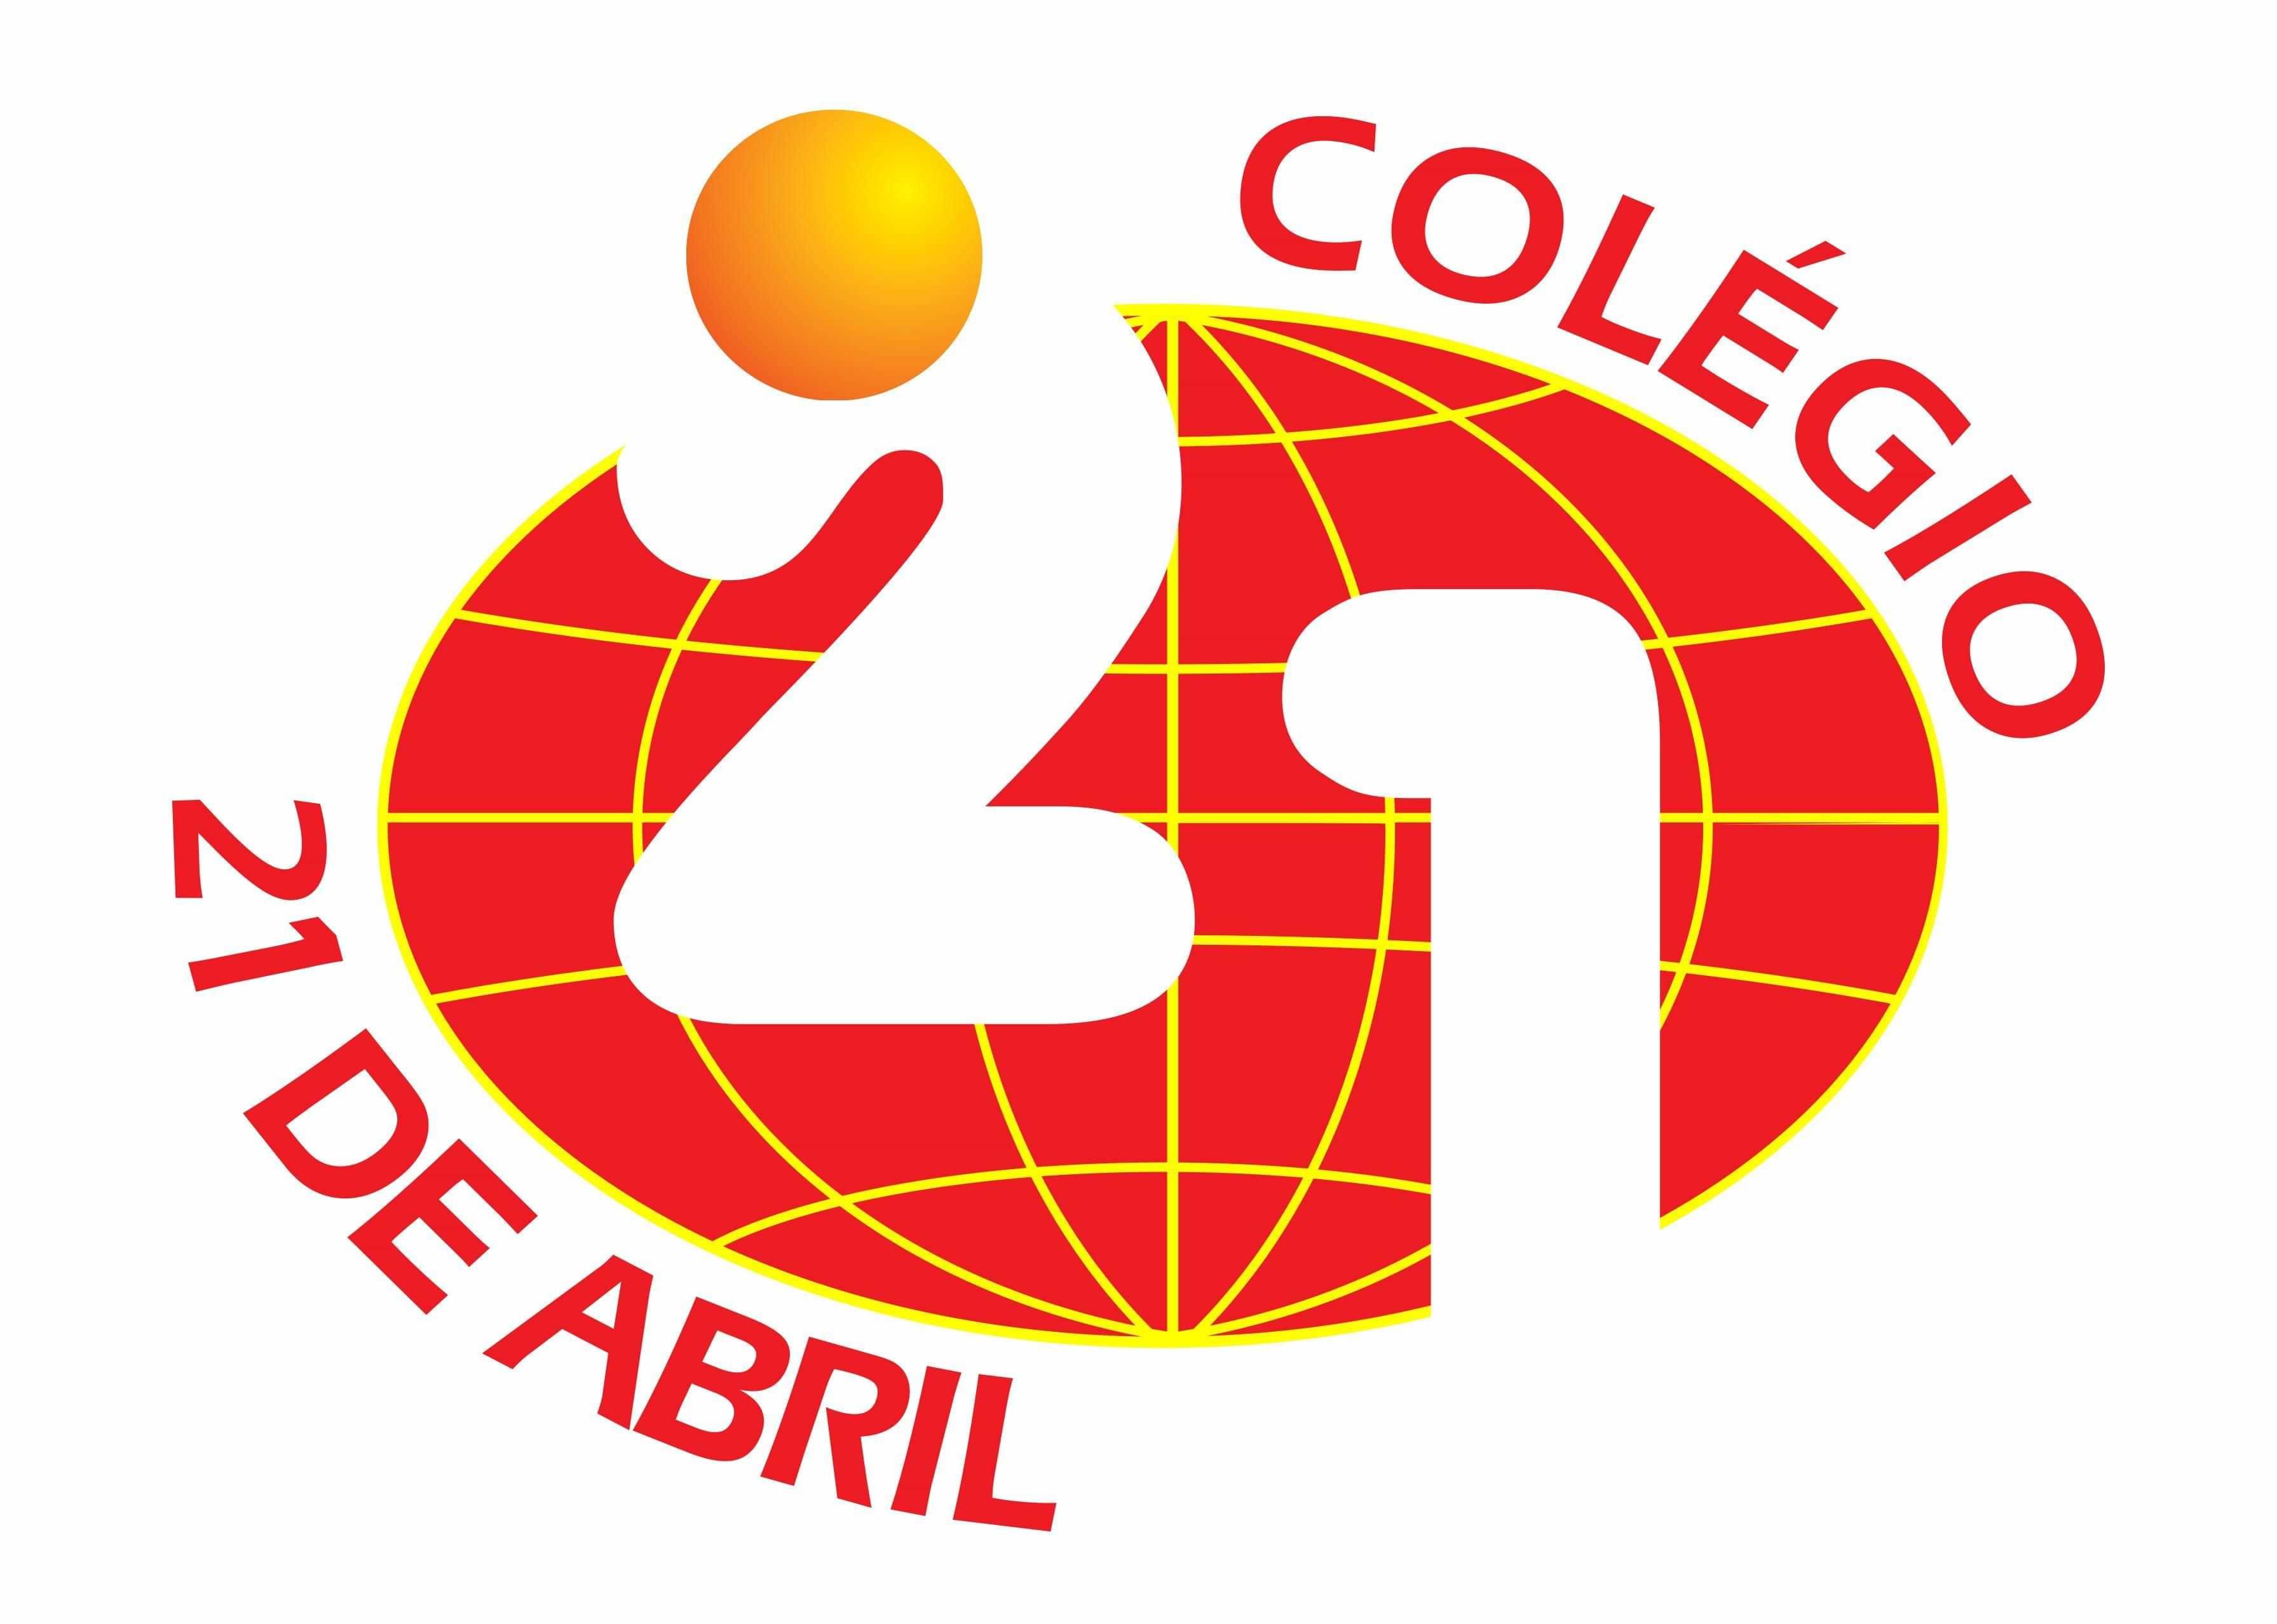 Colégio 21 De Abril